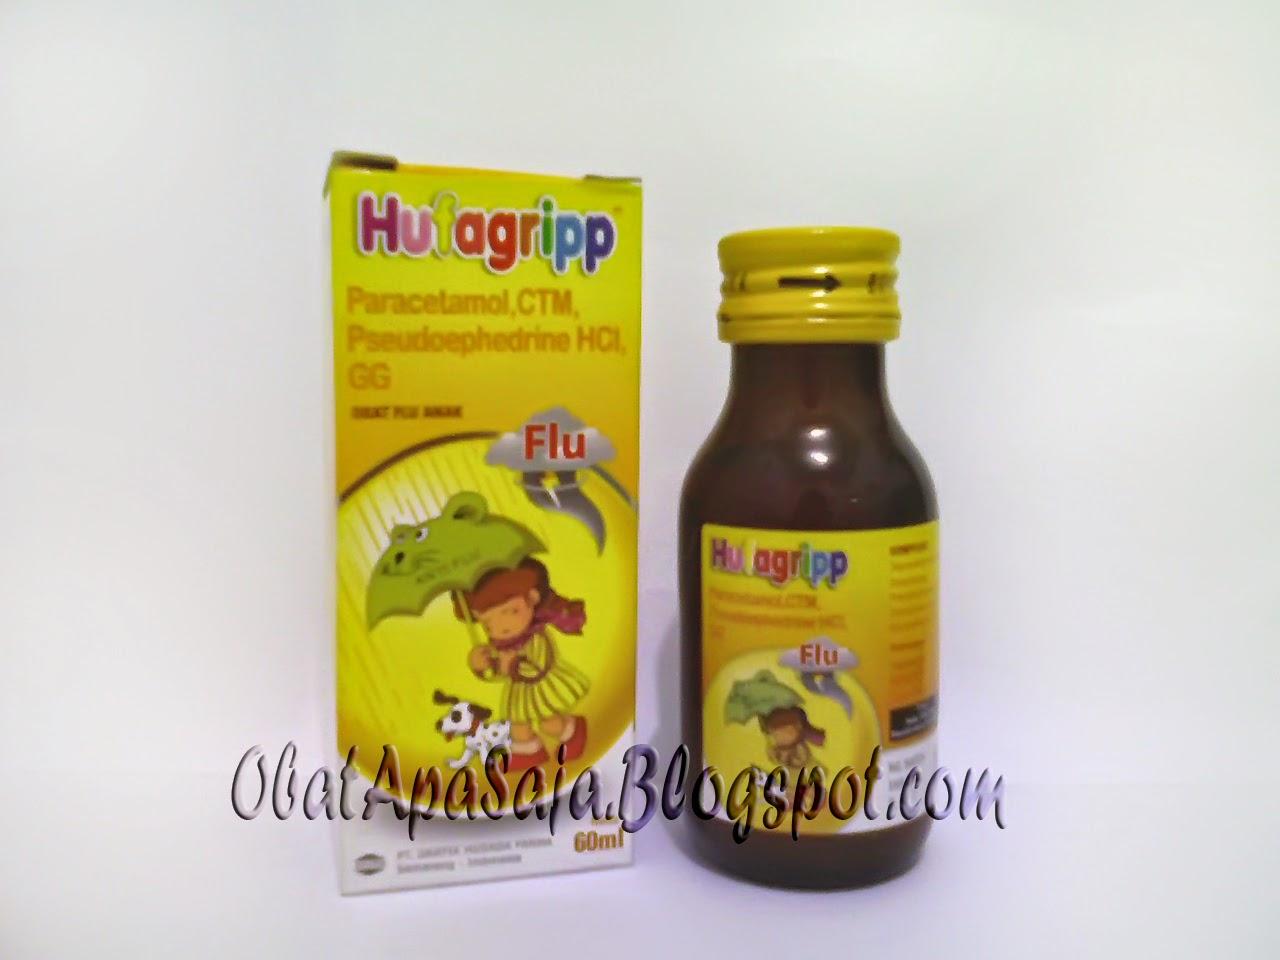 Hufagripp Flu Meringankan Gejala-gejala Flu Pada Anak